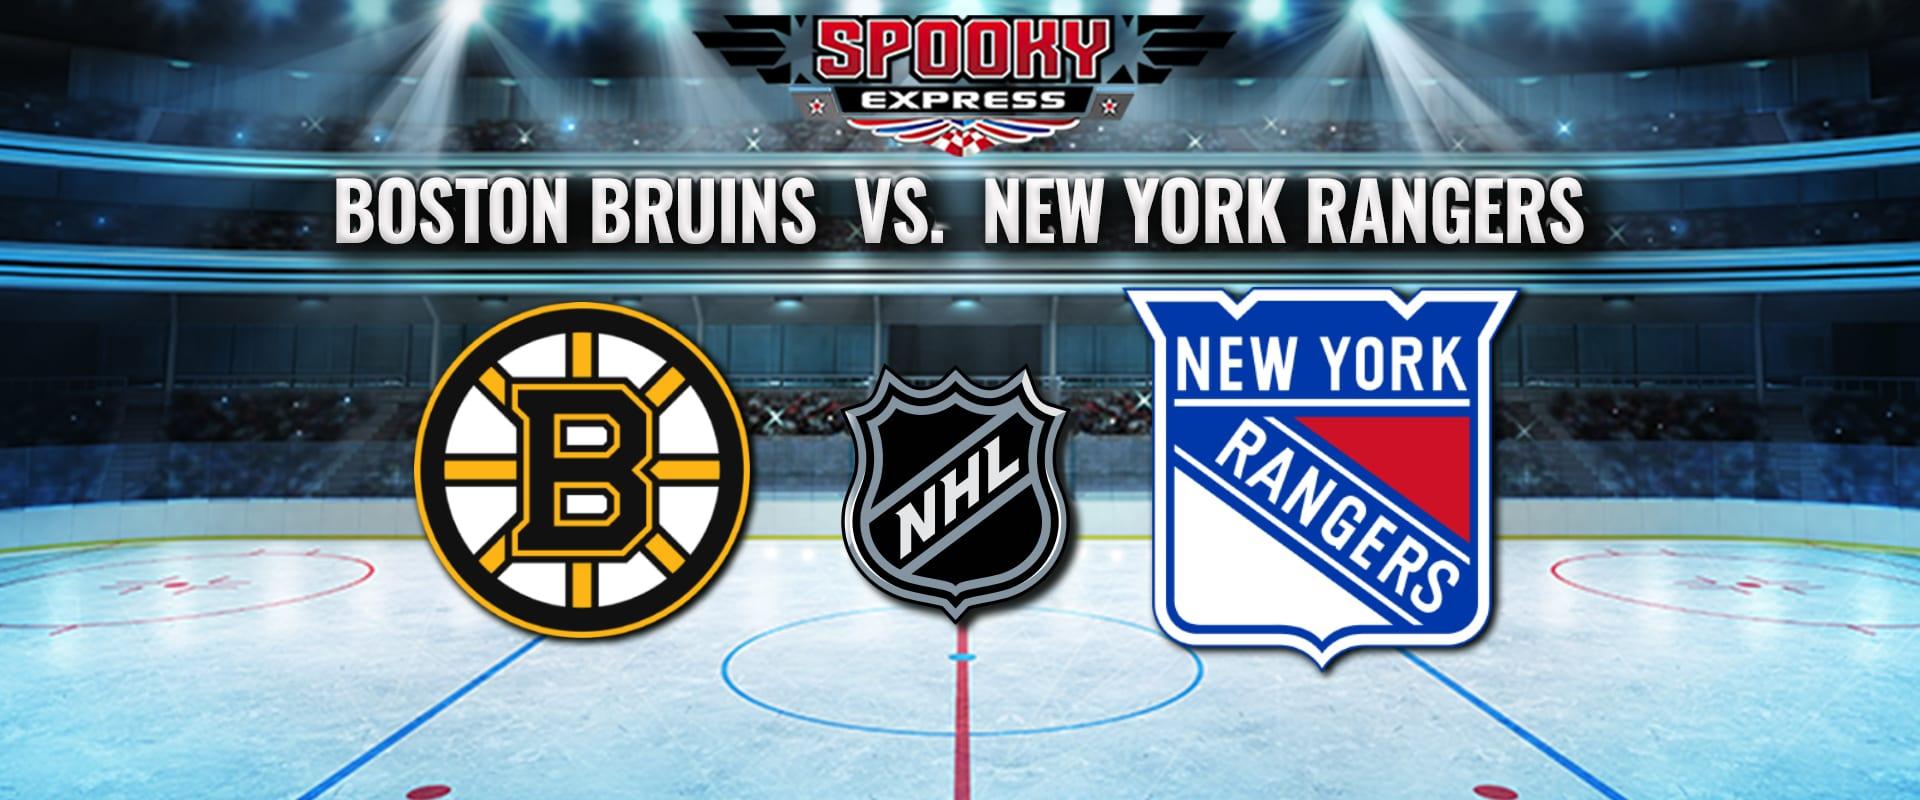 NHL Betting Preview: Boston Bruins vs. New York Rangers